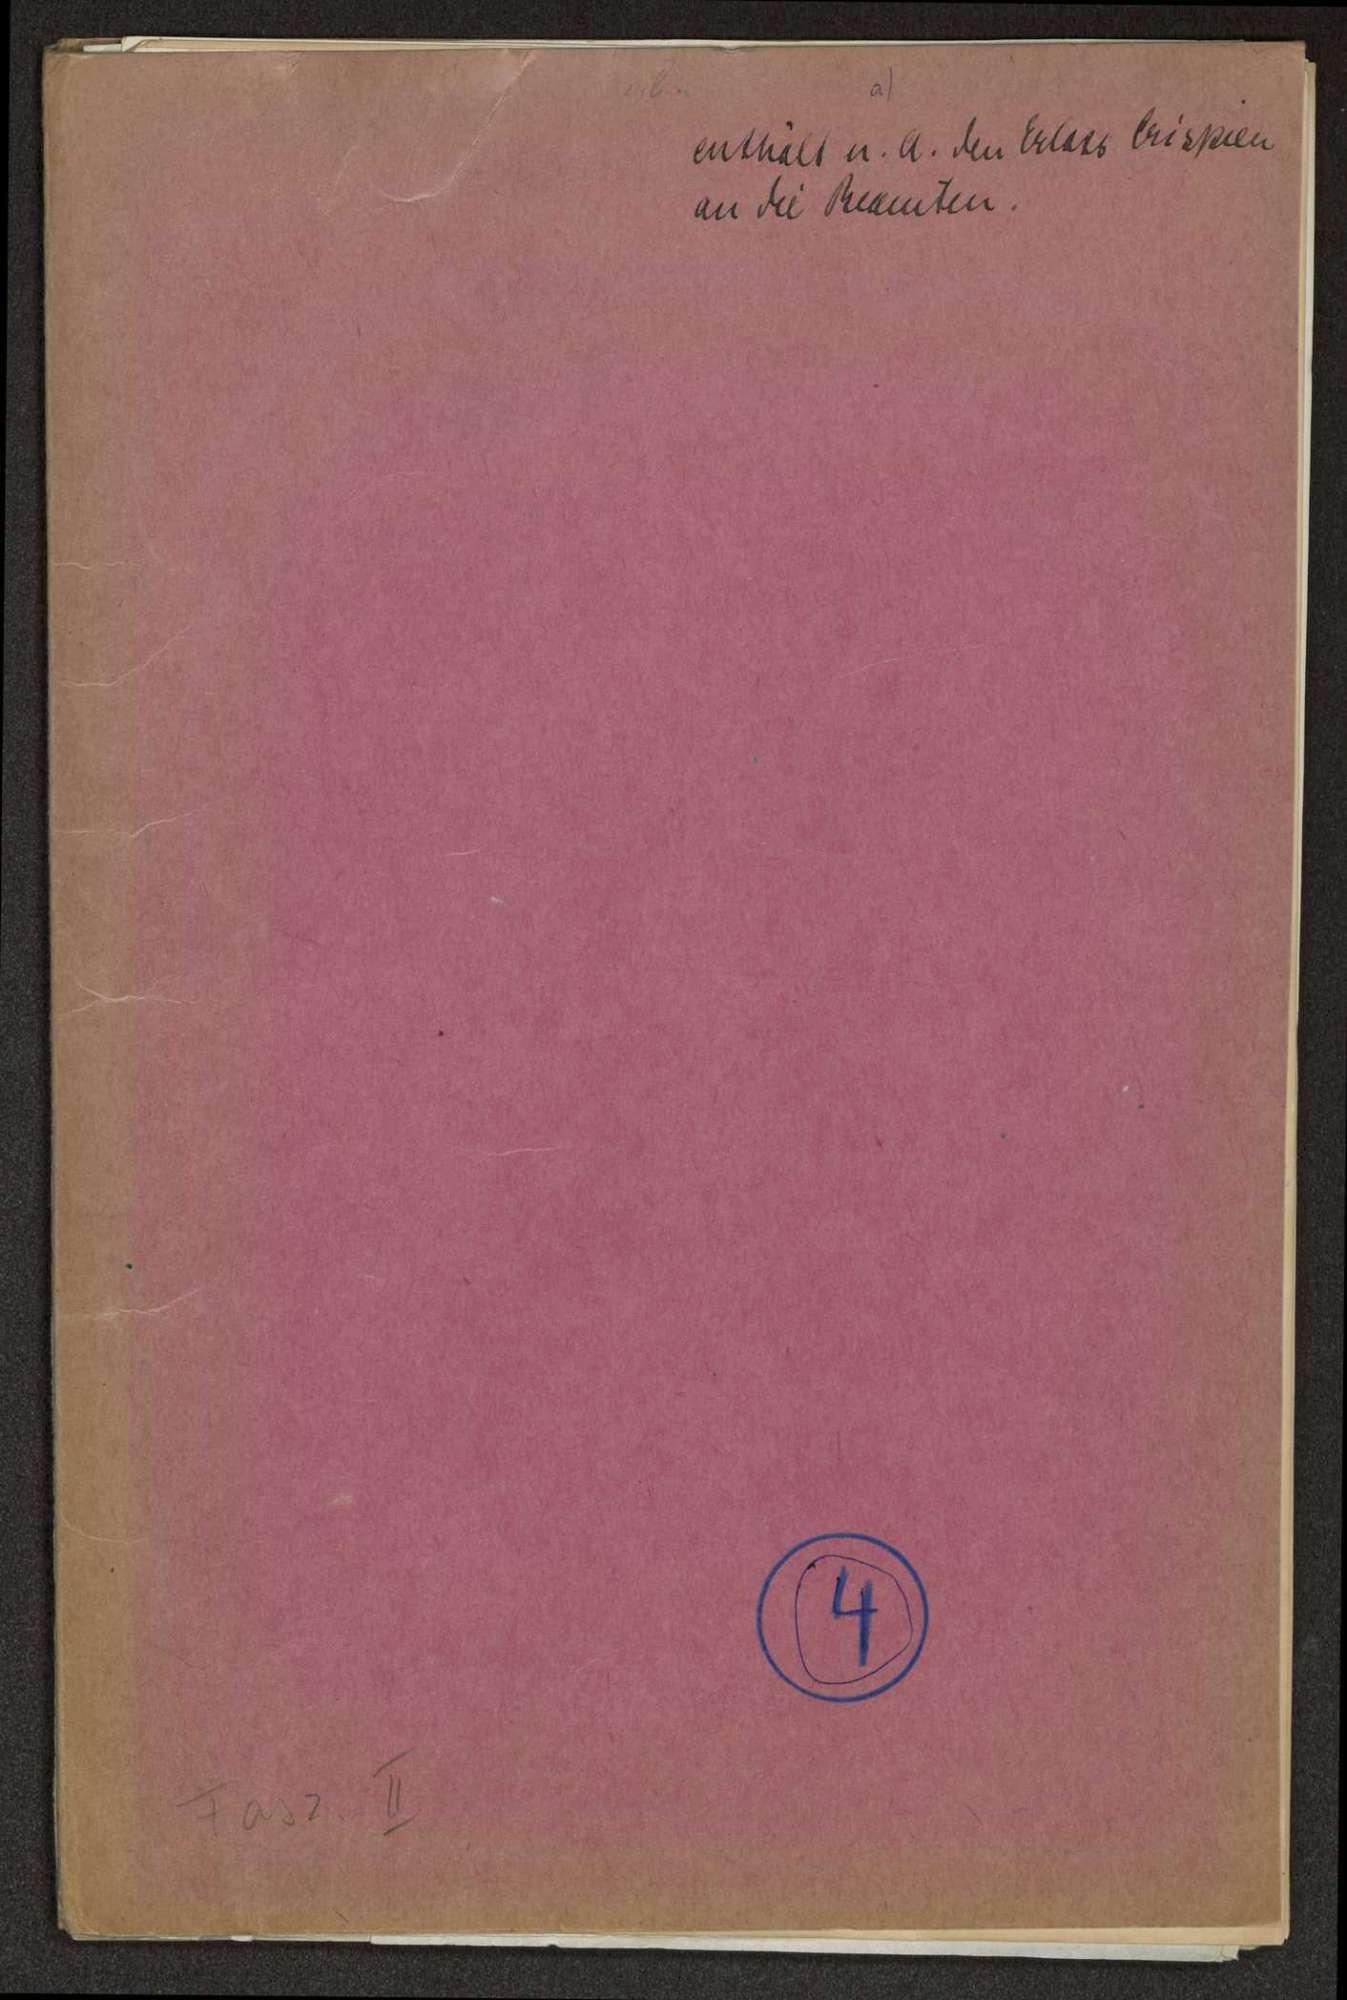 Geschäftsordnung im Ministerium des Innern, Bild 1